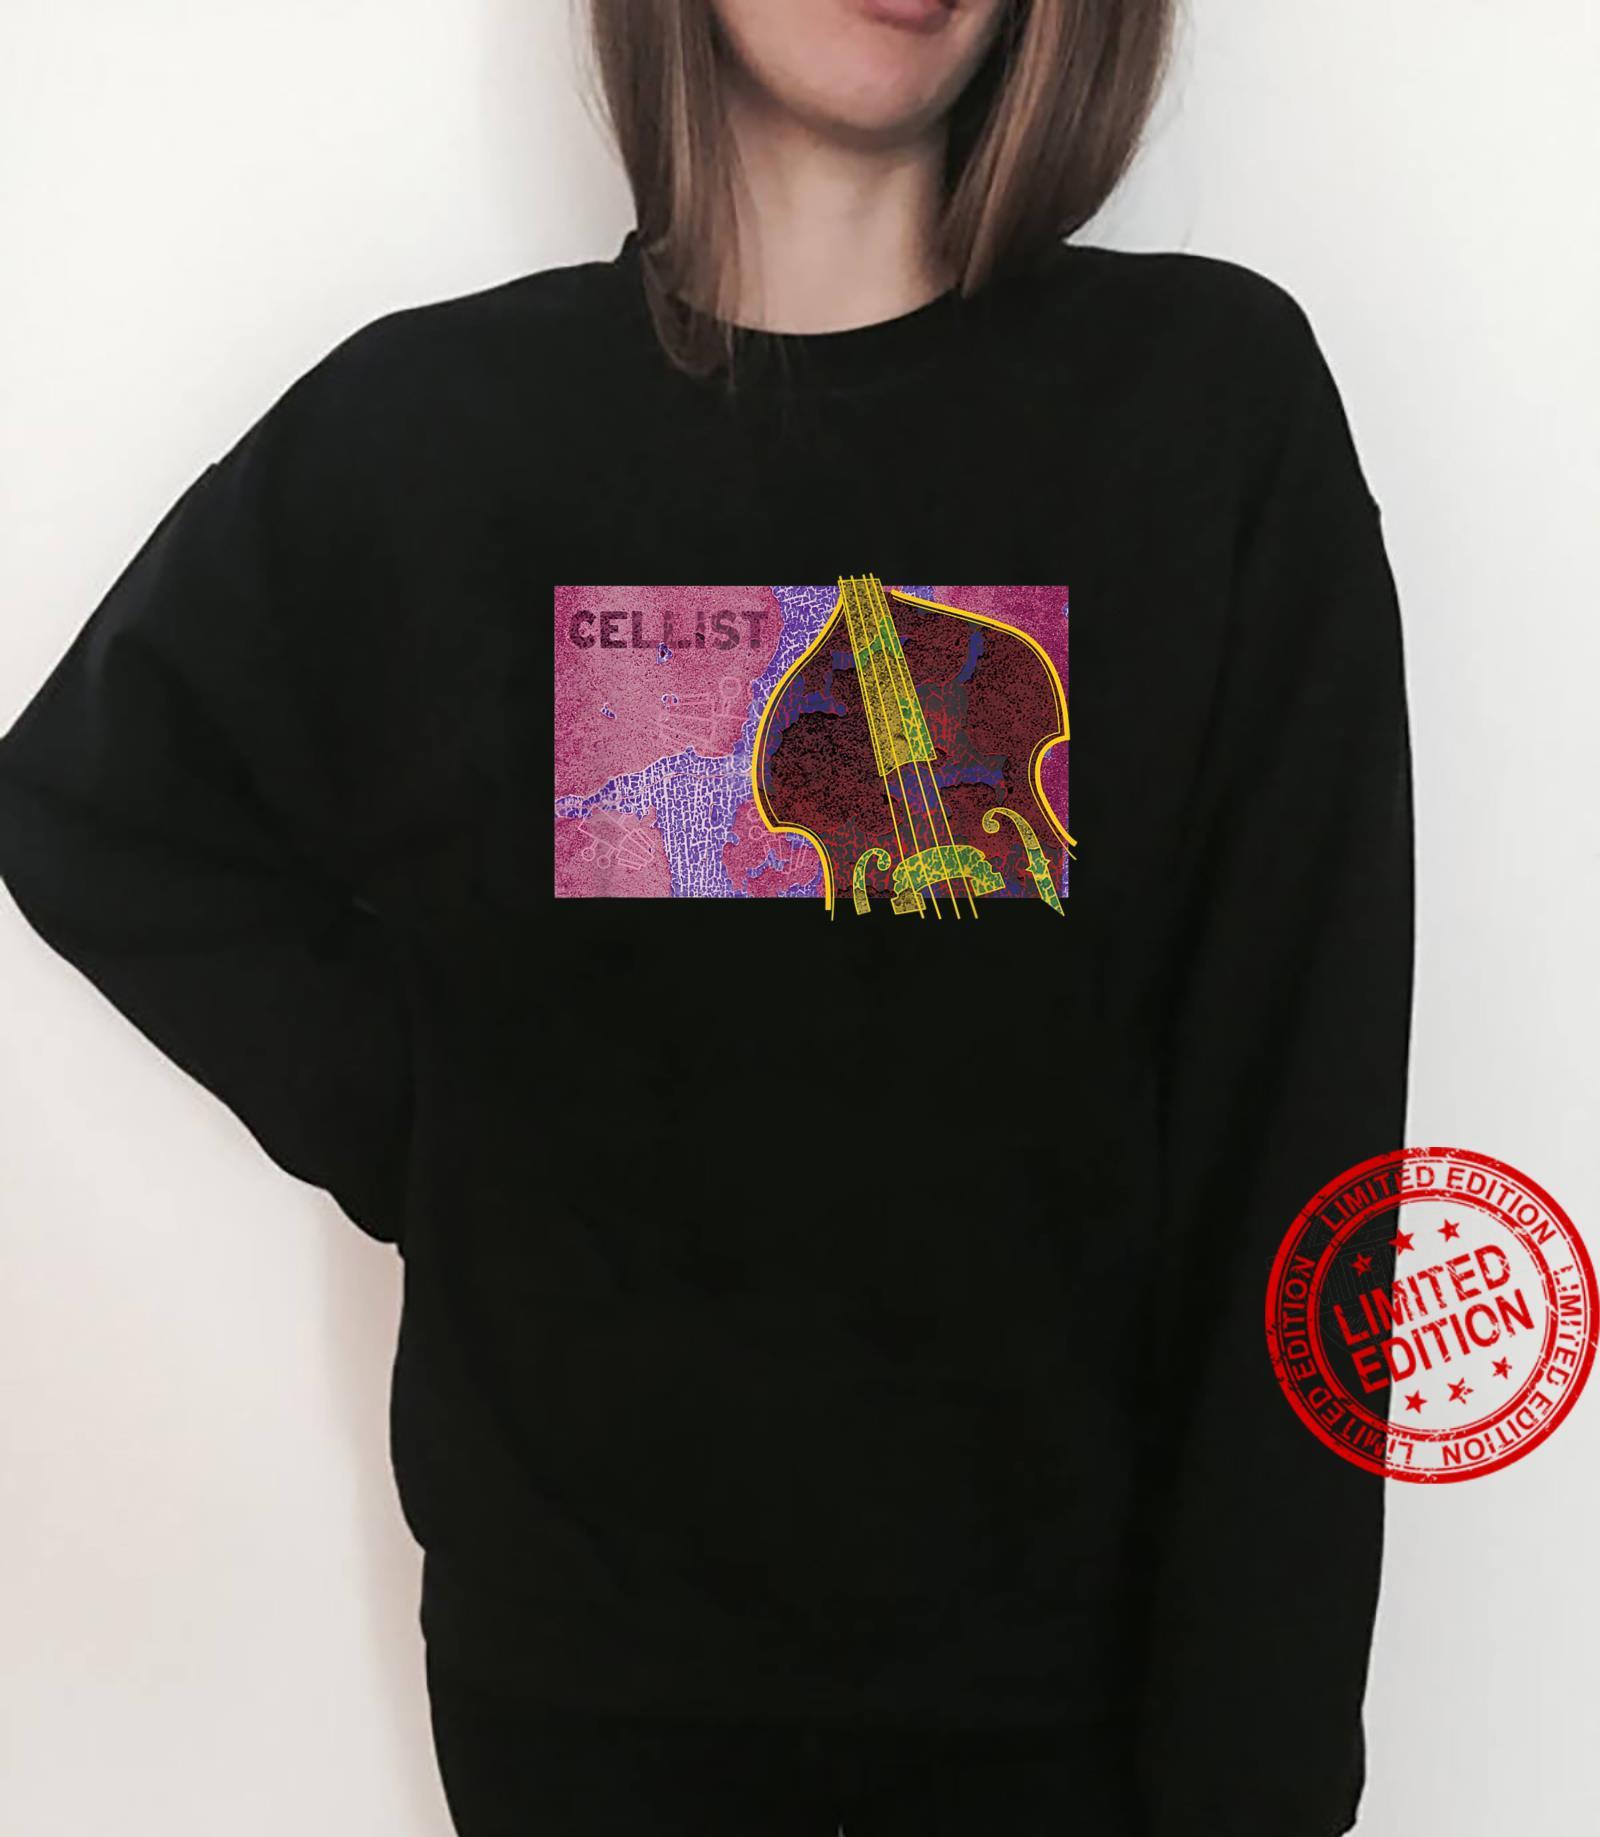 Cellist Musical Apparel Shirt sweater